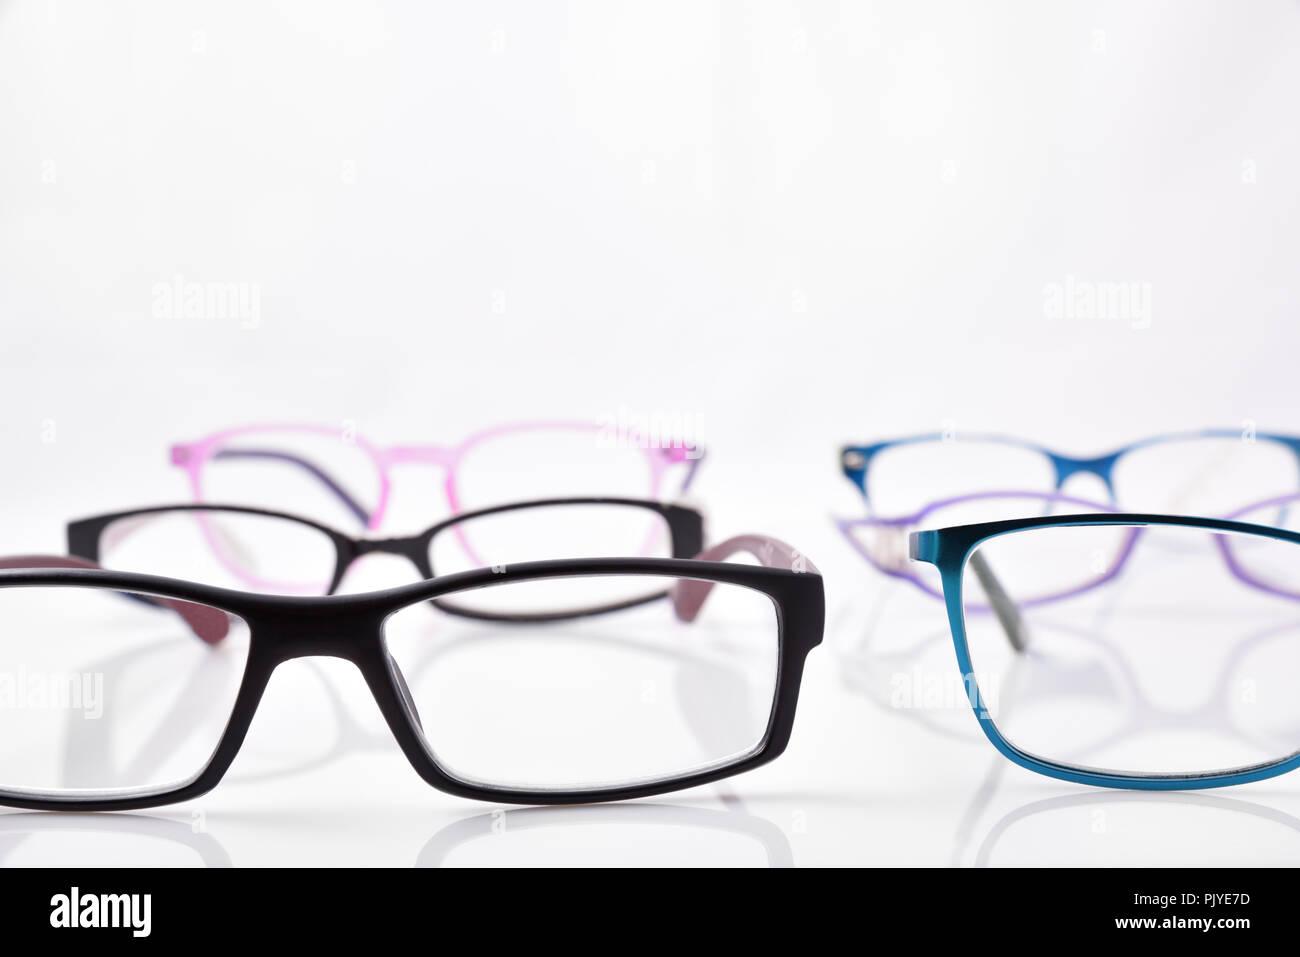 359d9617cfc30a Stand der Brillen am weißen Tisch in einem eyewear Store mit.  Vorderansicht. Horizontale Zusammensetzung